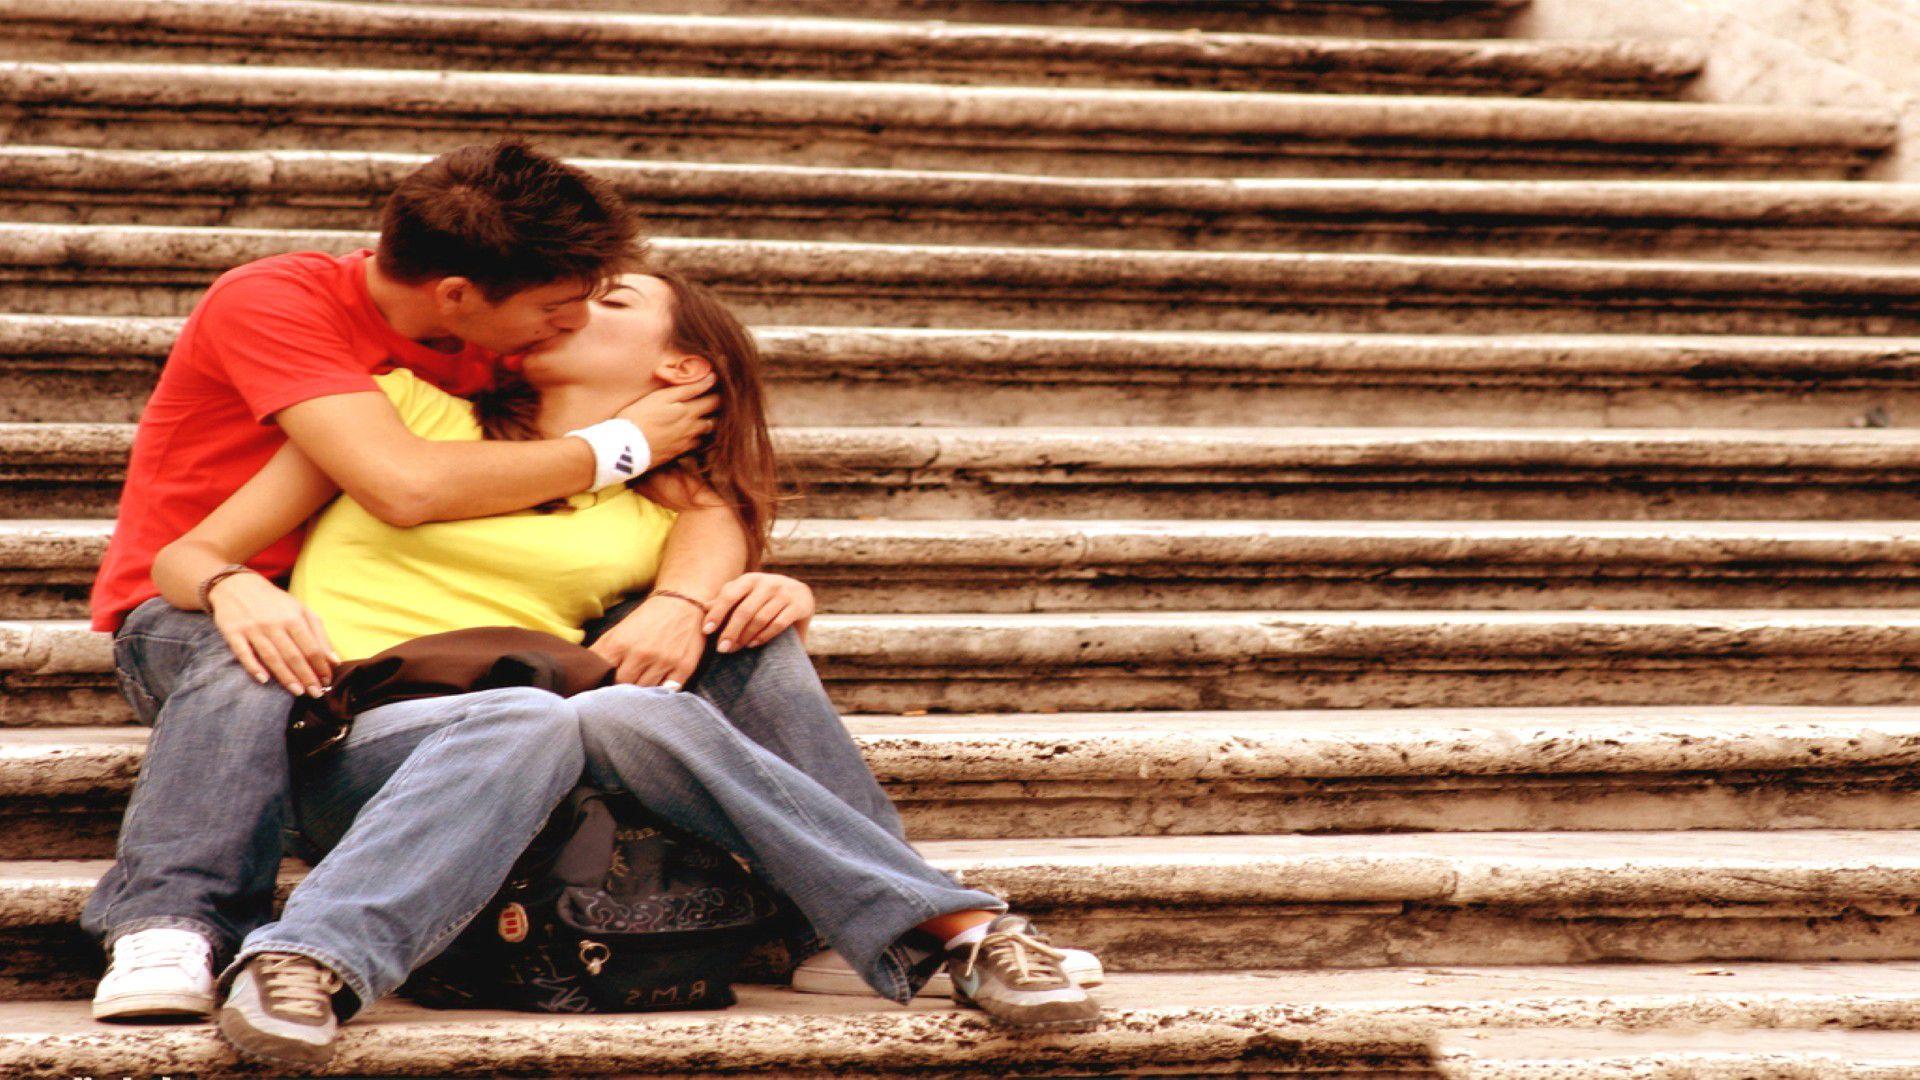 Hd wallpaper kiss - Kiss Hd Wallpapers Backgrounds Wallpaper Hd Wallpapers Pinterest Wallpaper Hd Wallpaper And Wallpaper Backgrounds